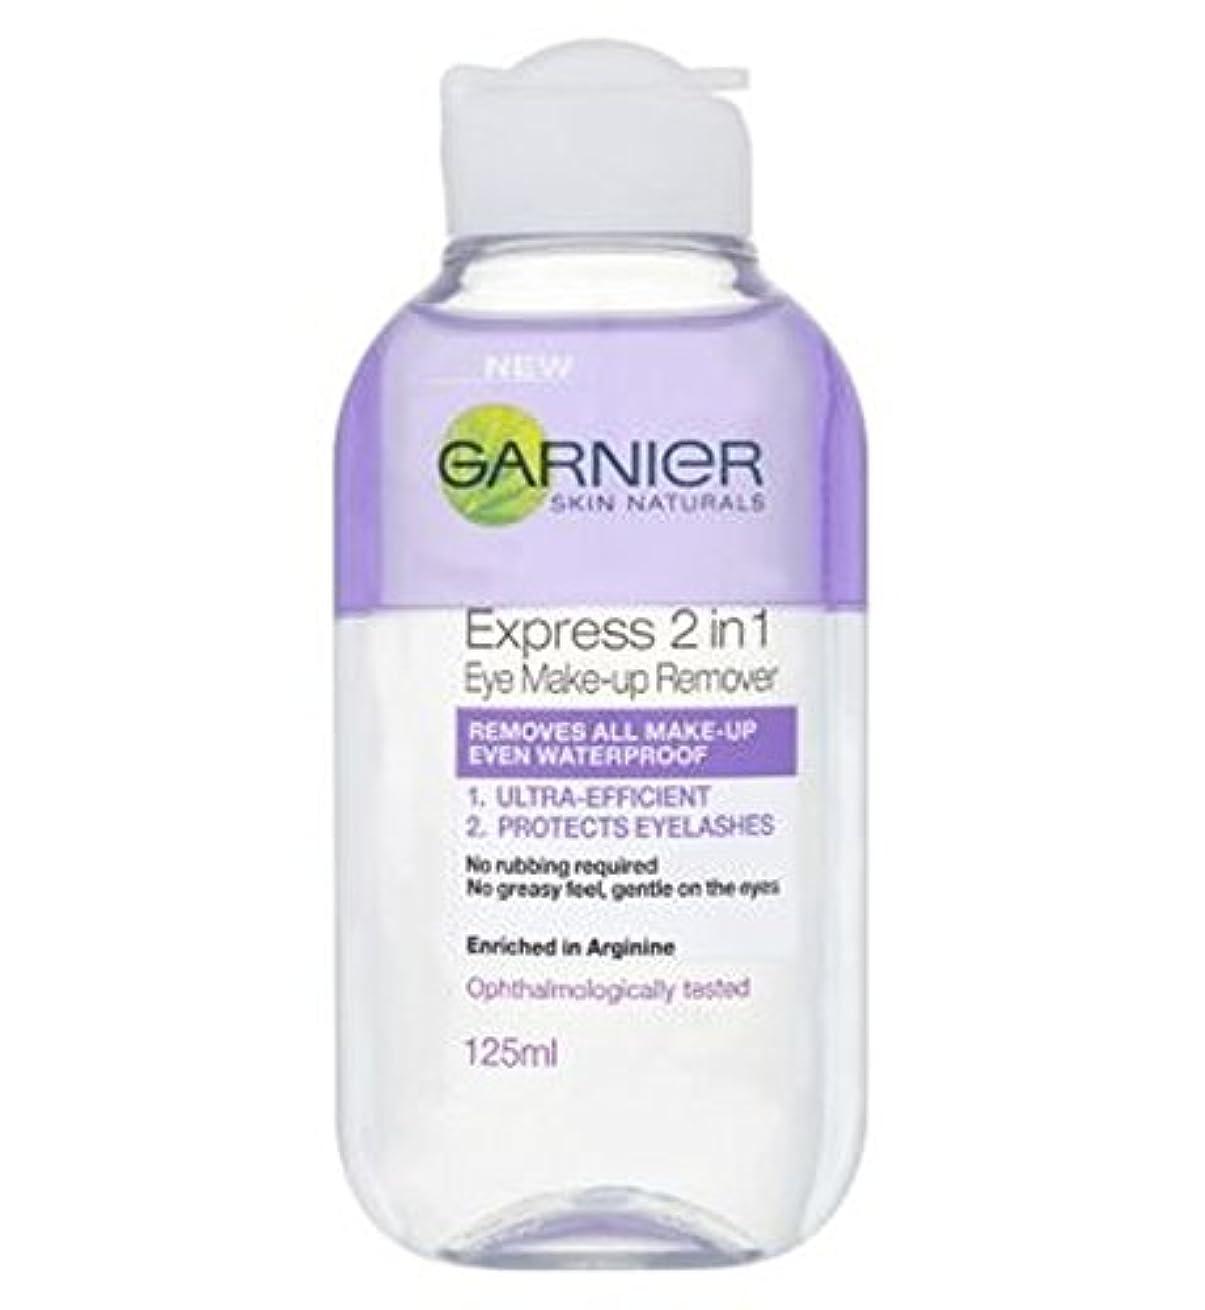 フライカイト空スカープGarnier Express 2in1 eye make up remover 125ml - ガルニエ急行の2In1の目は、リムーバー125ミリリットルを作ります (Garnier) [並行輸入品]